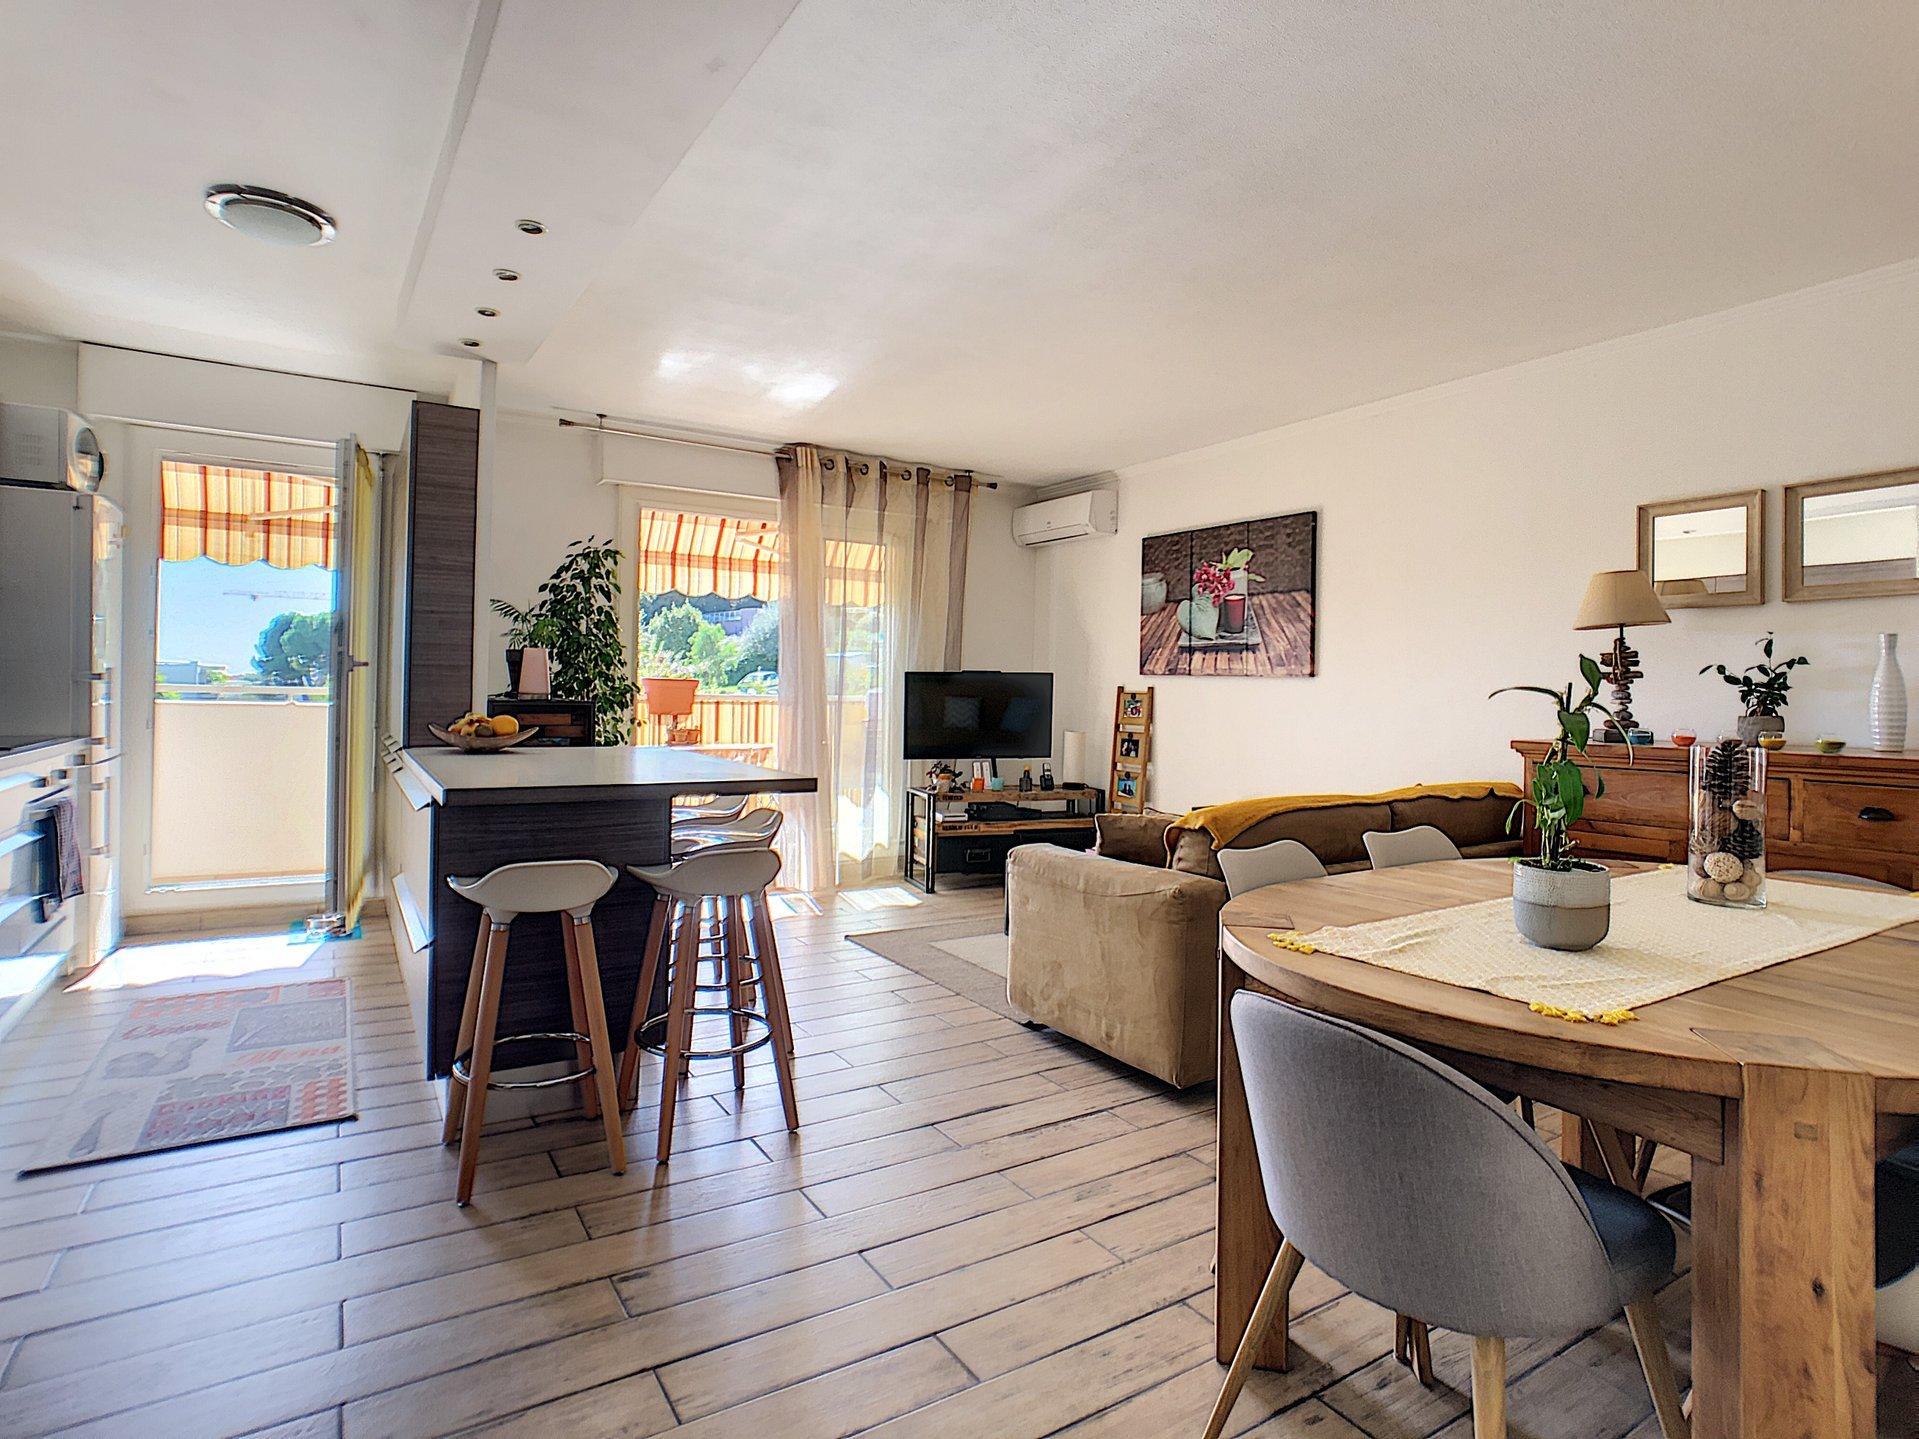 Sain Laurent du Var (06700) - Appartement 4 pièces - Terrasse Sud - Calme